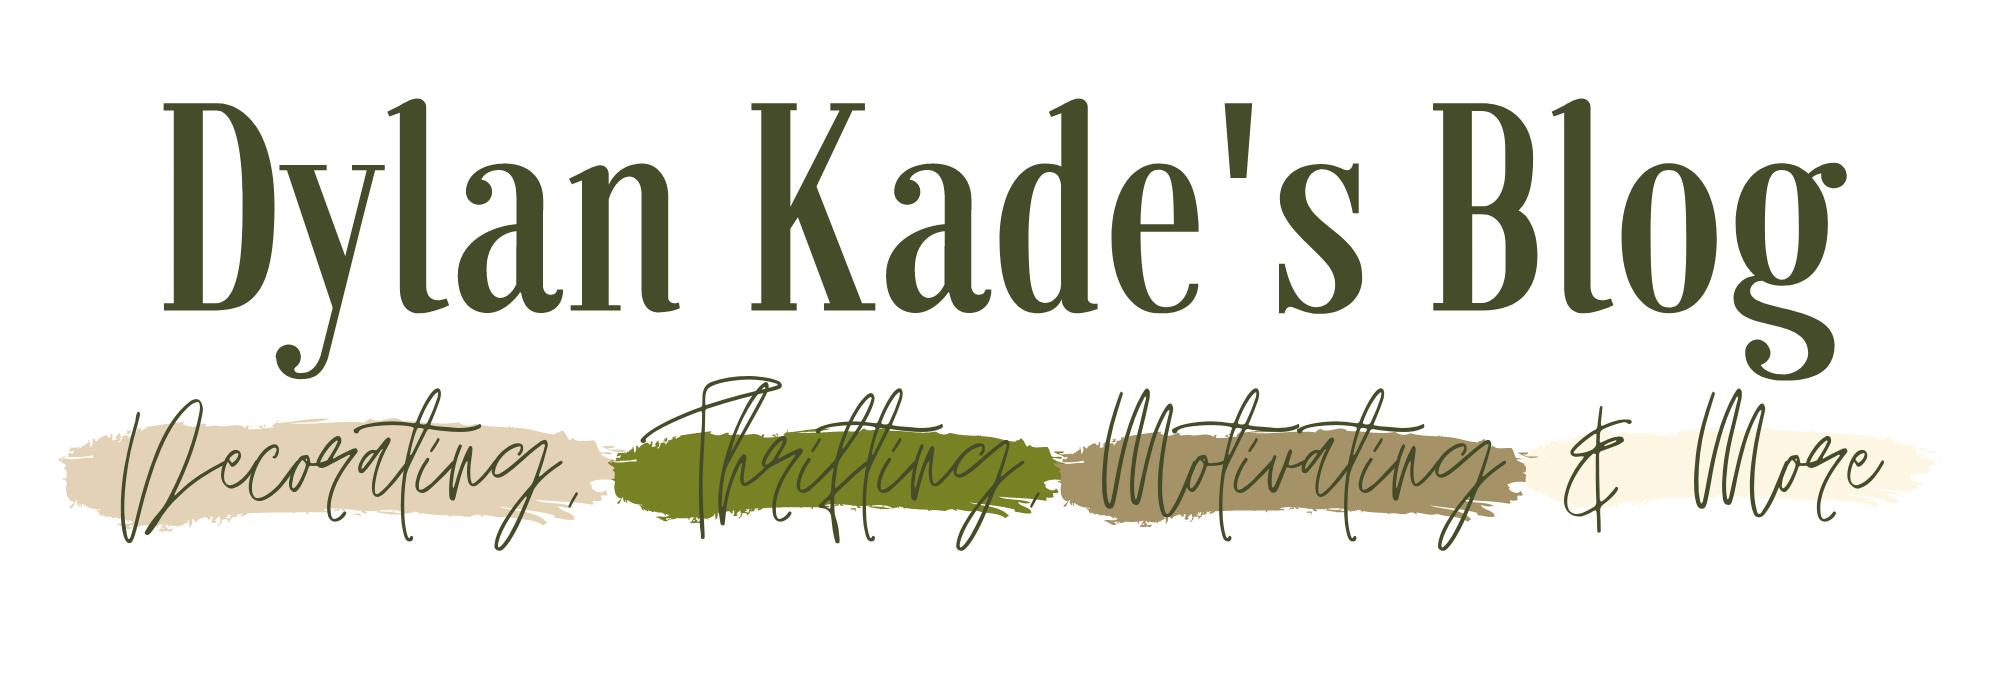 Dylan Kade's Blog